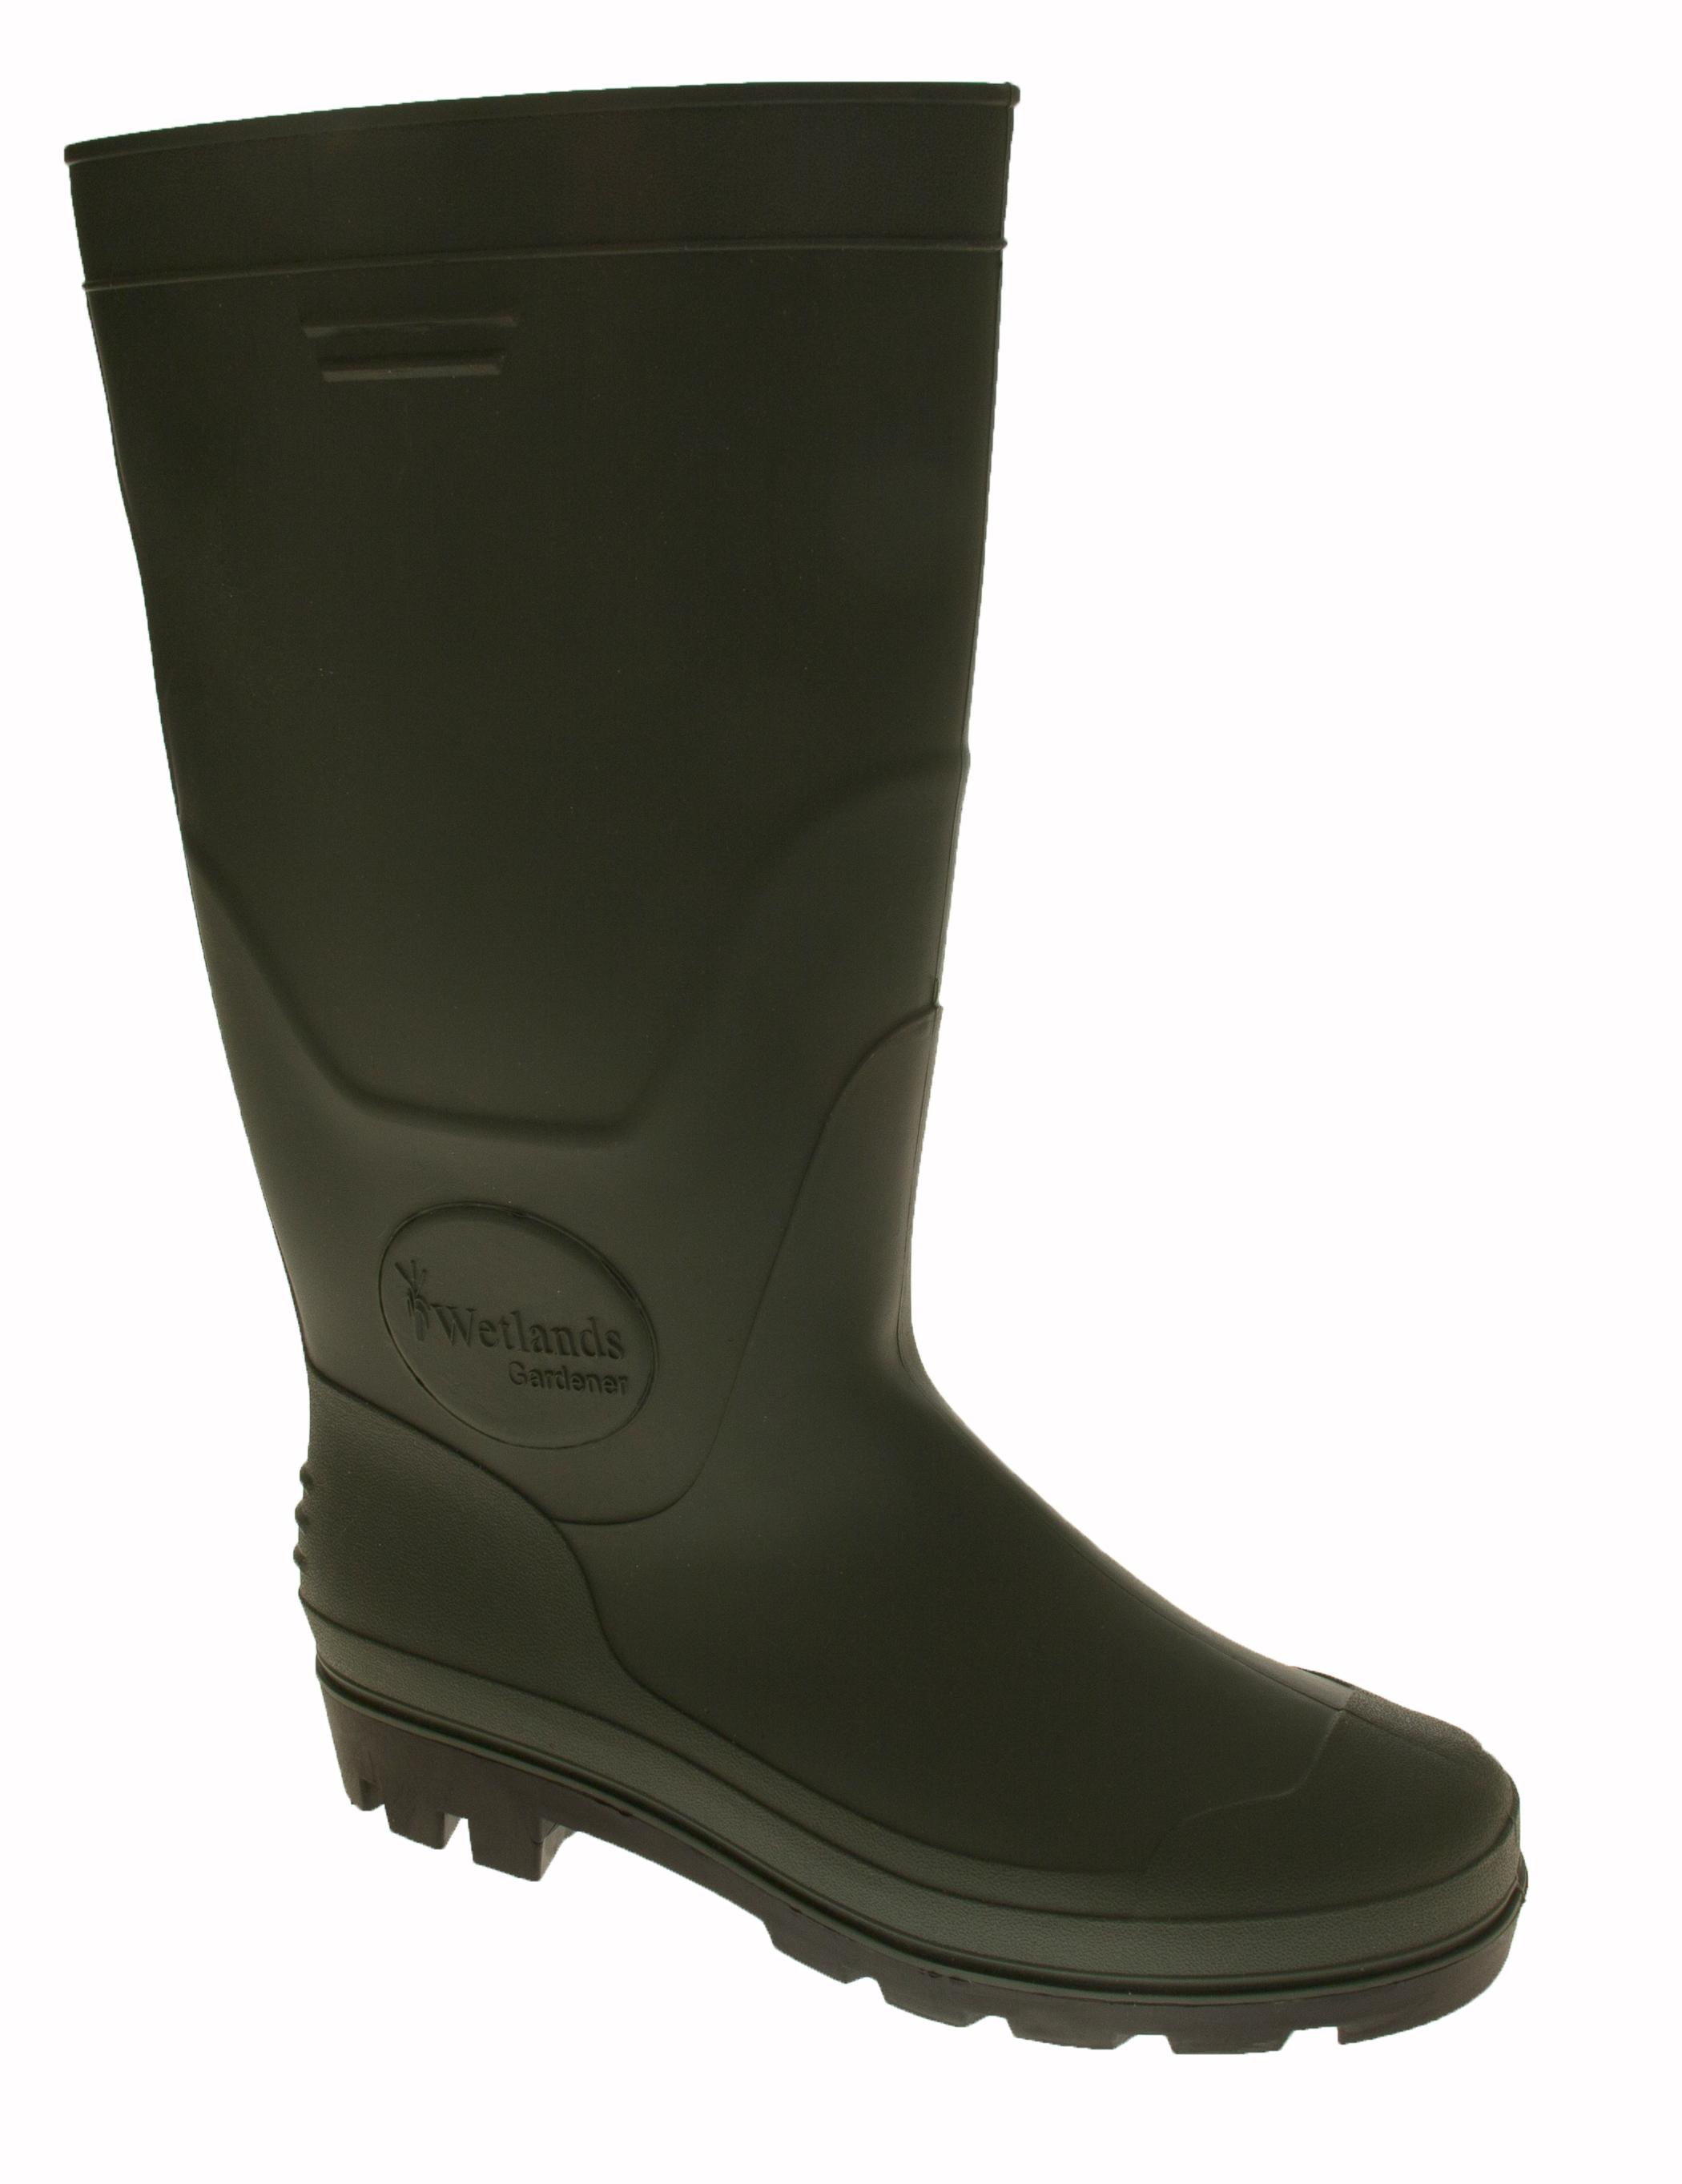 mens wetland gardener wellies waterproof welly boots